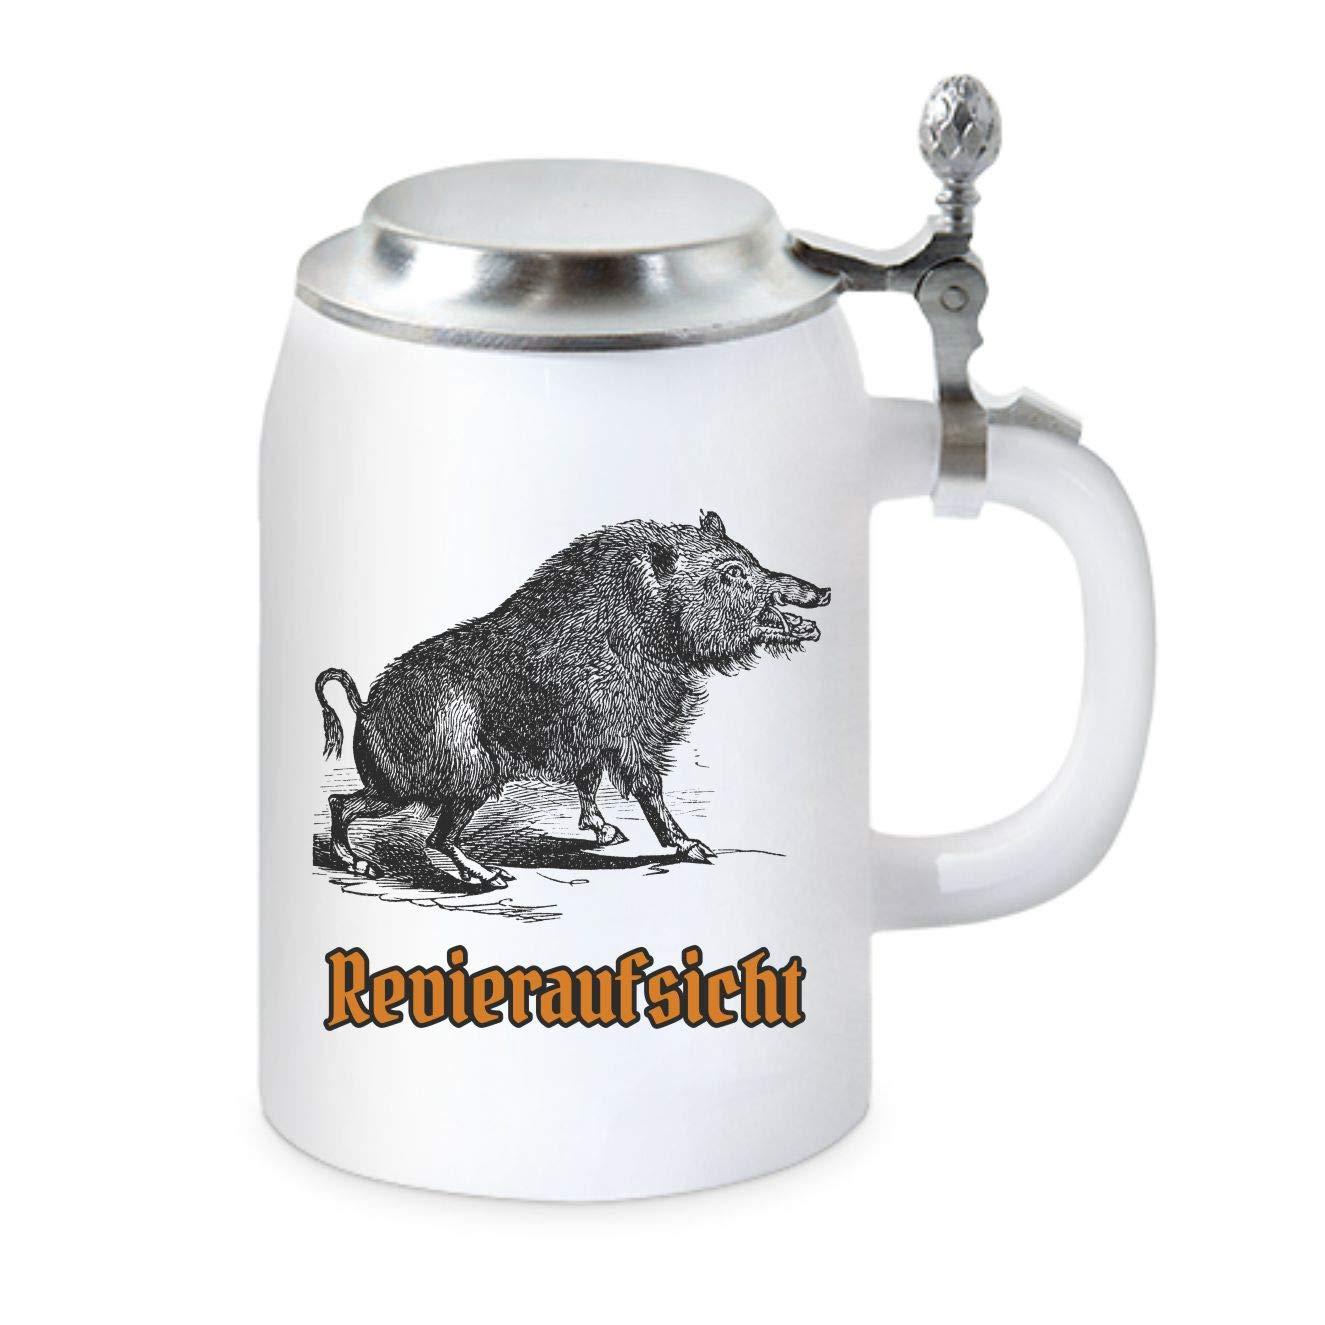 Revieraufsicht Wildschwein Jagdt und J/äger KMC-Austria Design Bierkrug mit Zinndeckel